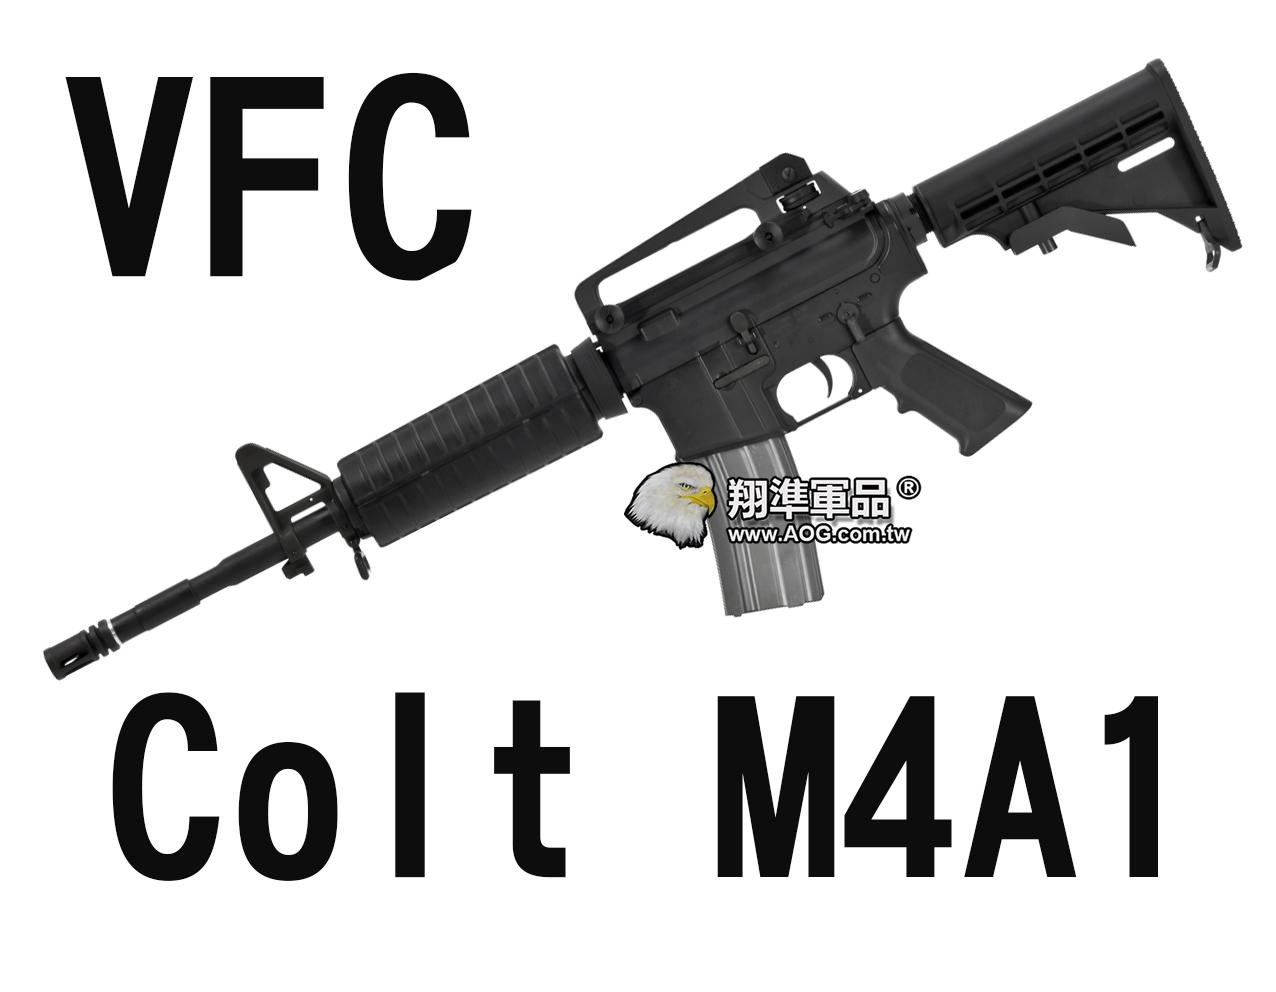 【翔準軍品AOG】【VFC】Colt M4A1 (STD)伸縮托  電動槍 長槍 衝鋒槍 黑色 VF1-LM4STD-BK01